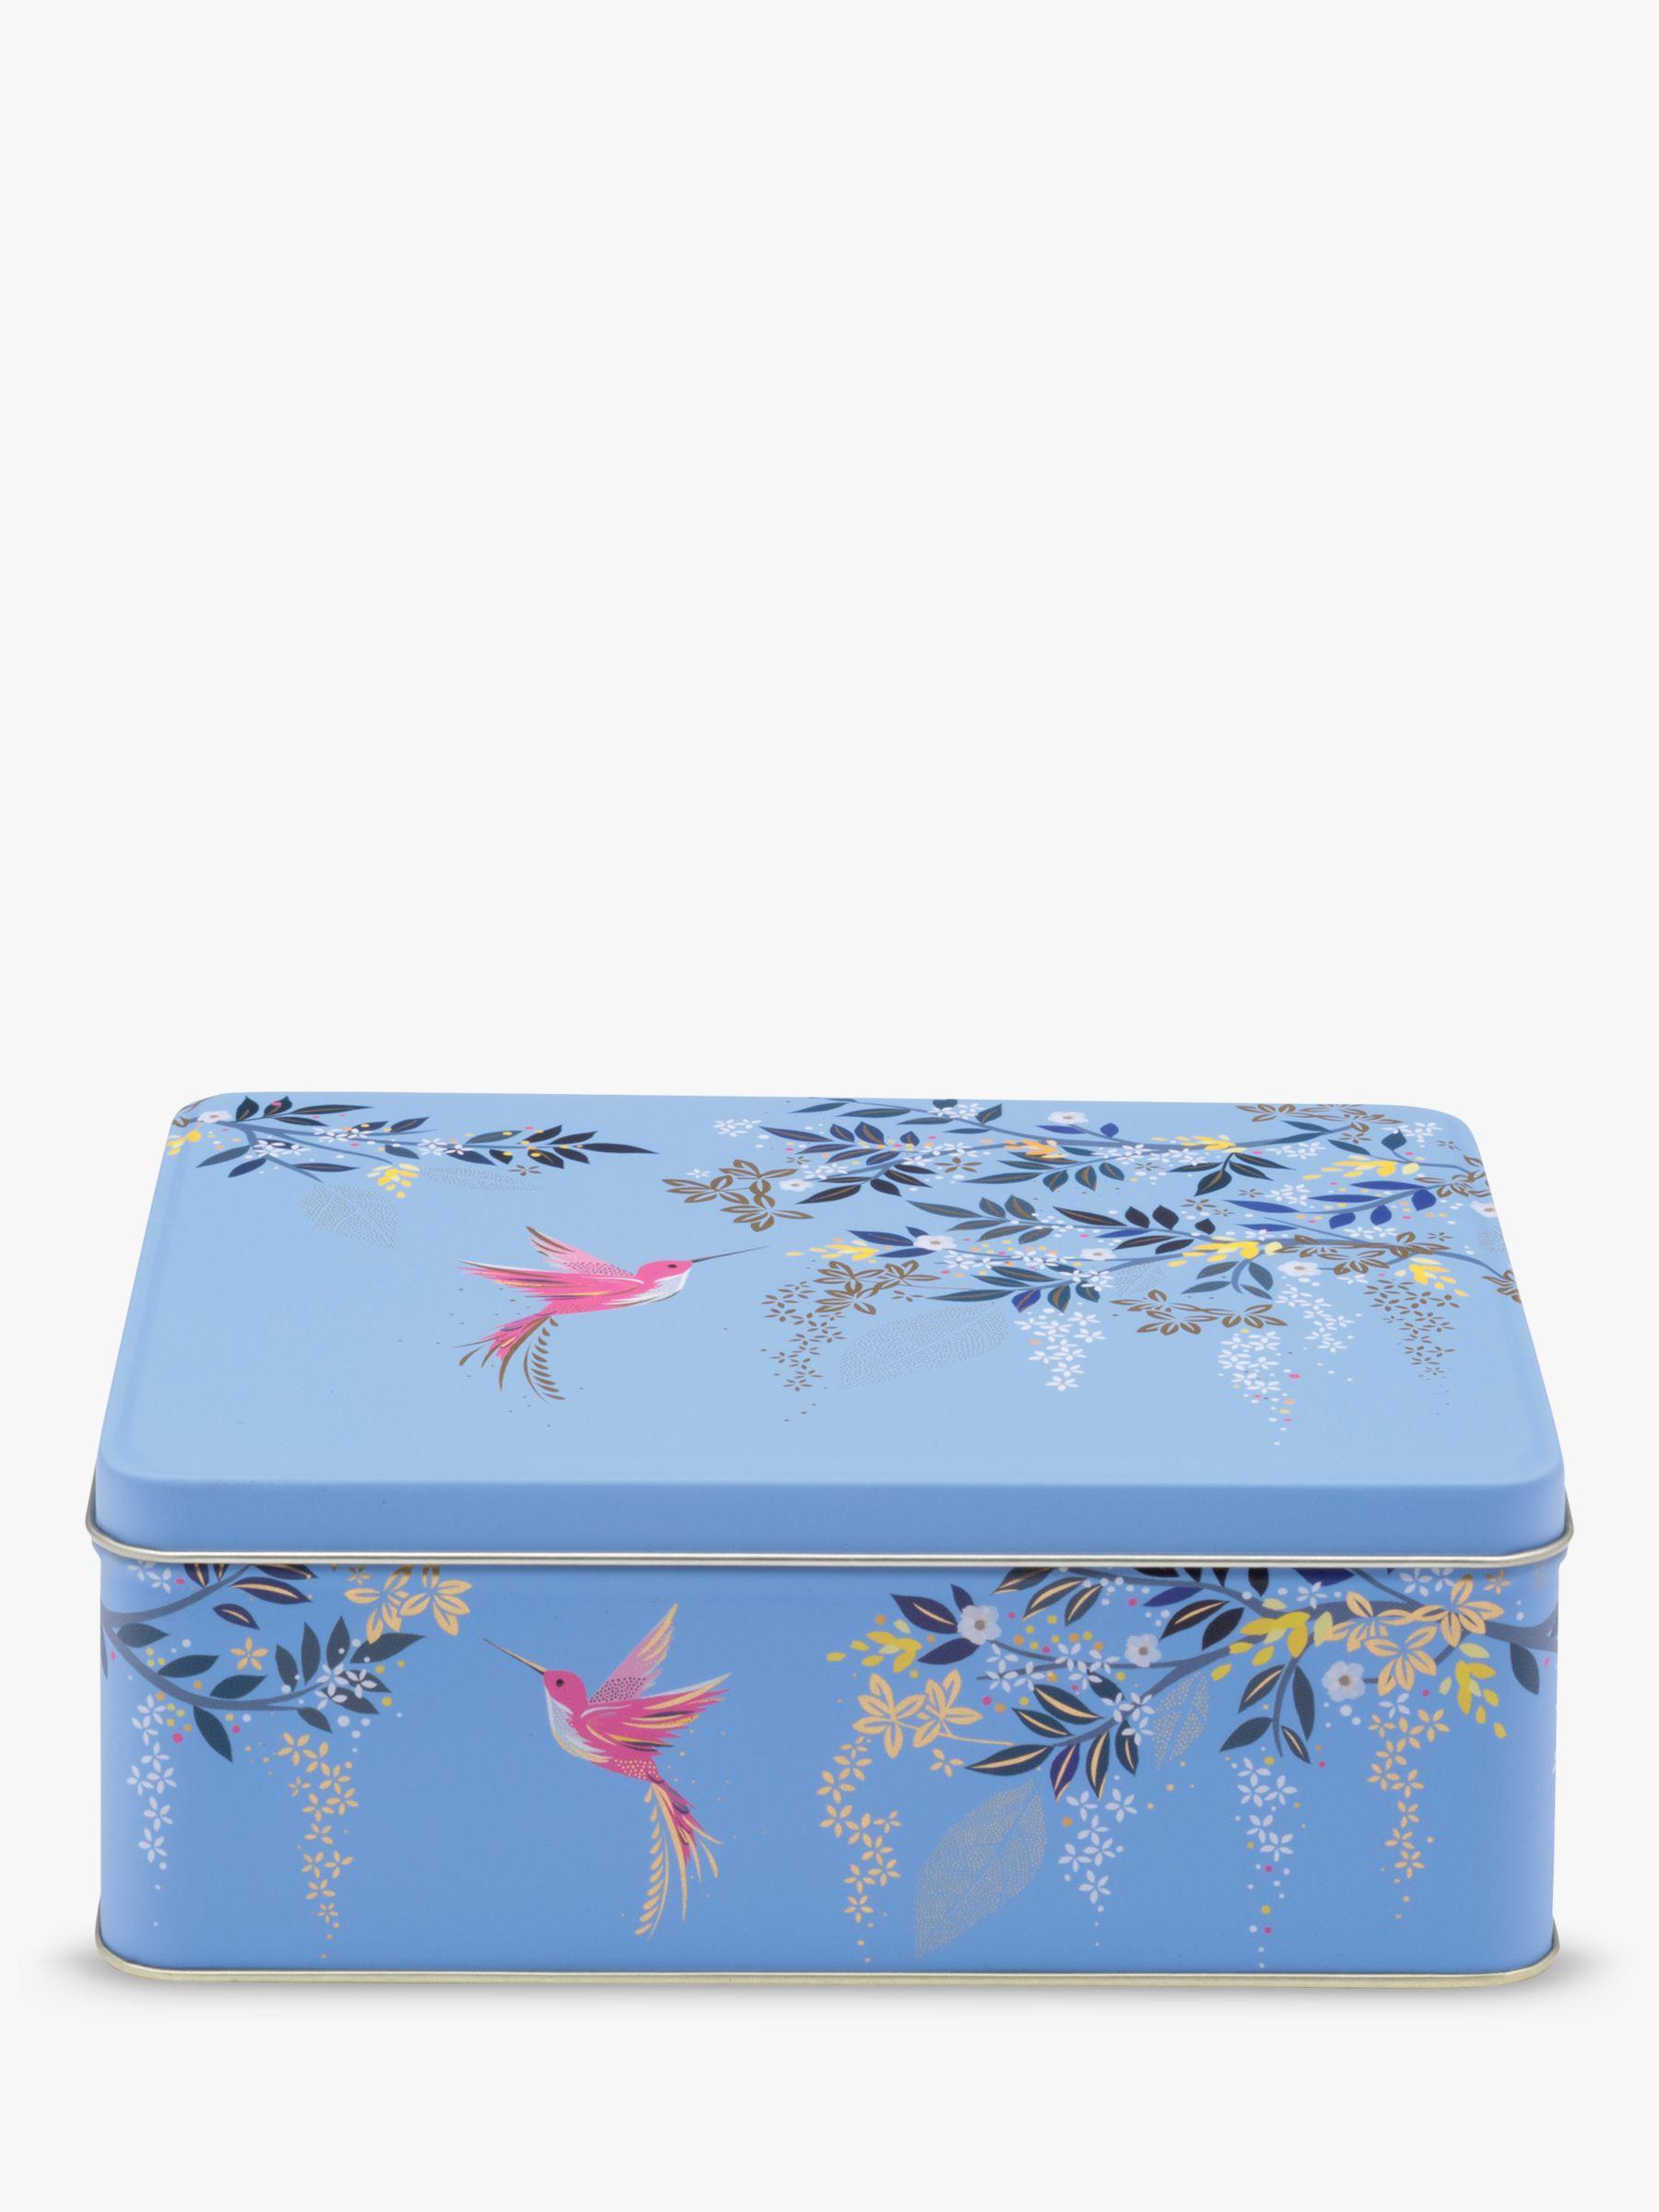 Sara Miller Chelsea Collection Birds Deep Rectangular Cake Tin, 2.3L, Blue